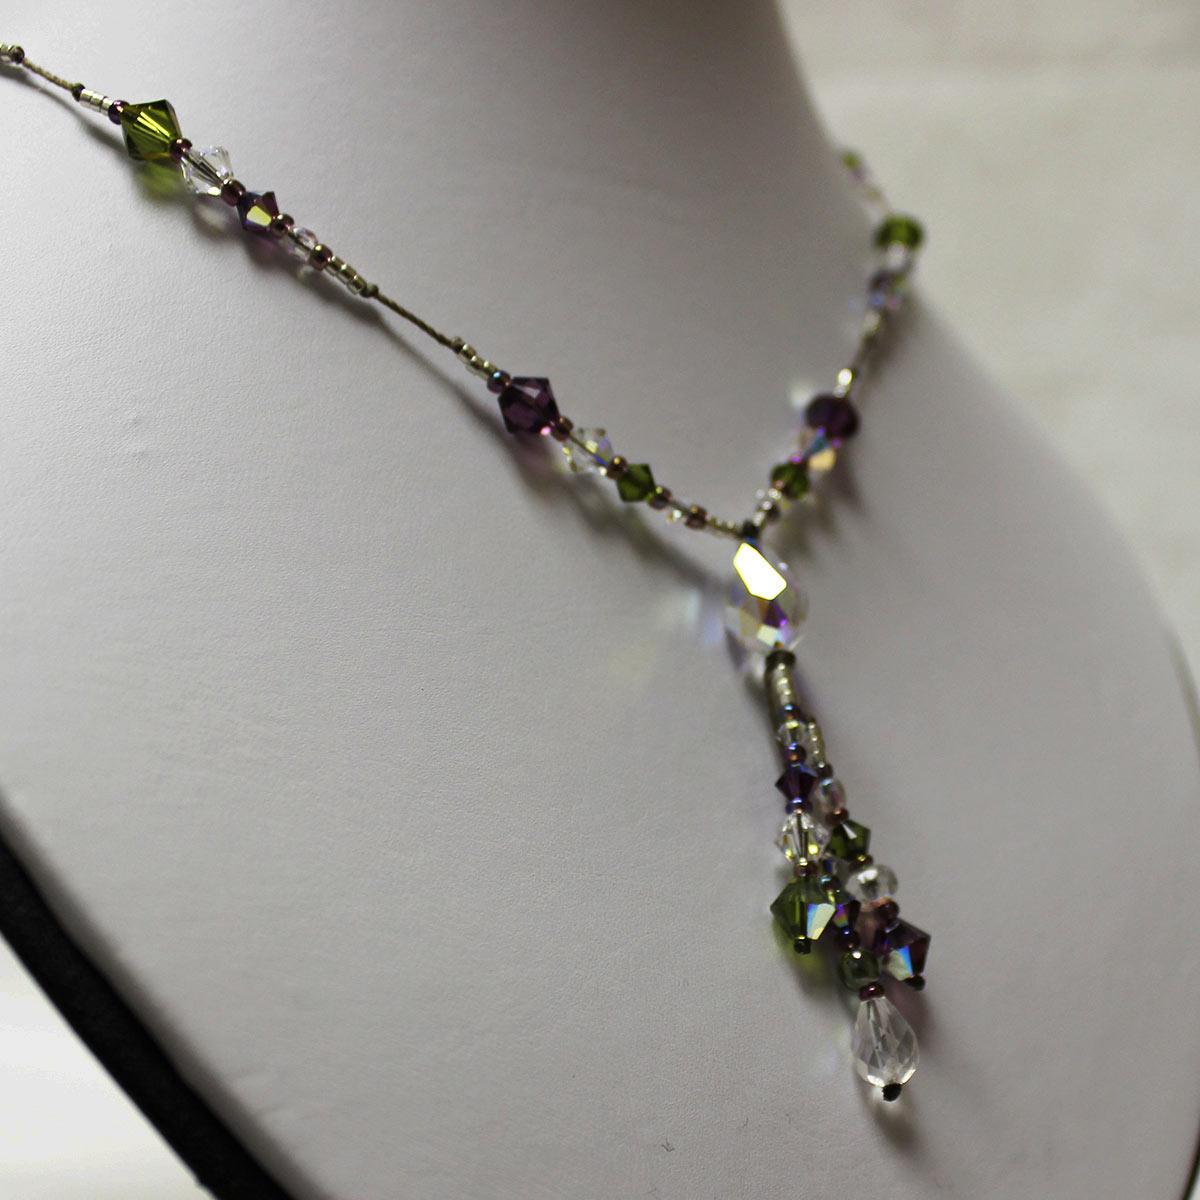 unique Swarvoski Necklace, Swarvoski teardrop necklace, drop necklace, amethyst and olivine green crystals